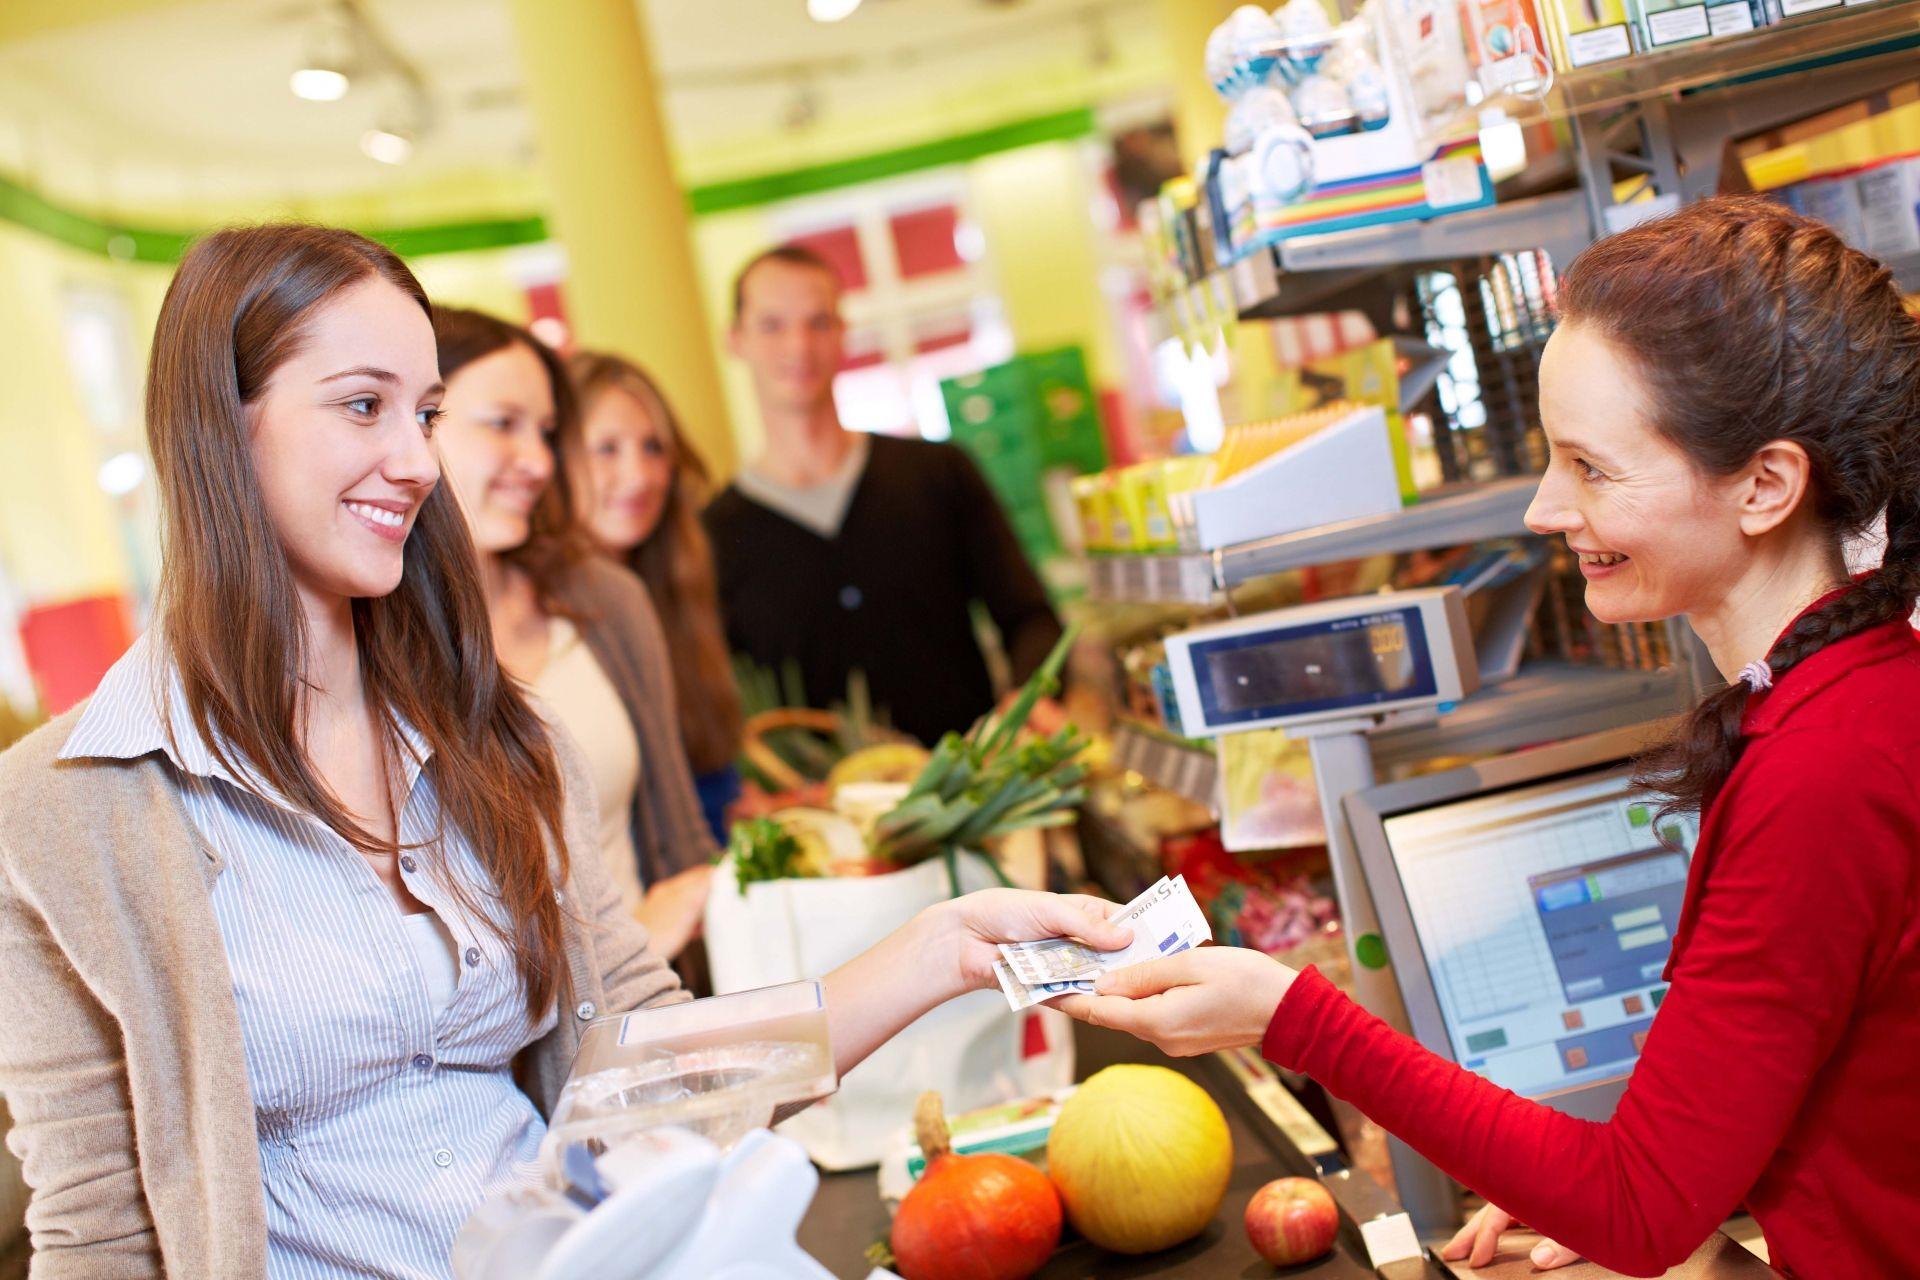 Бухгалтер вакансии магазин продавец ищу работу бухгалтера на первичную документацию